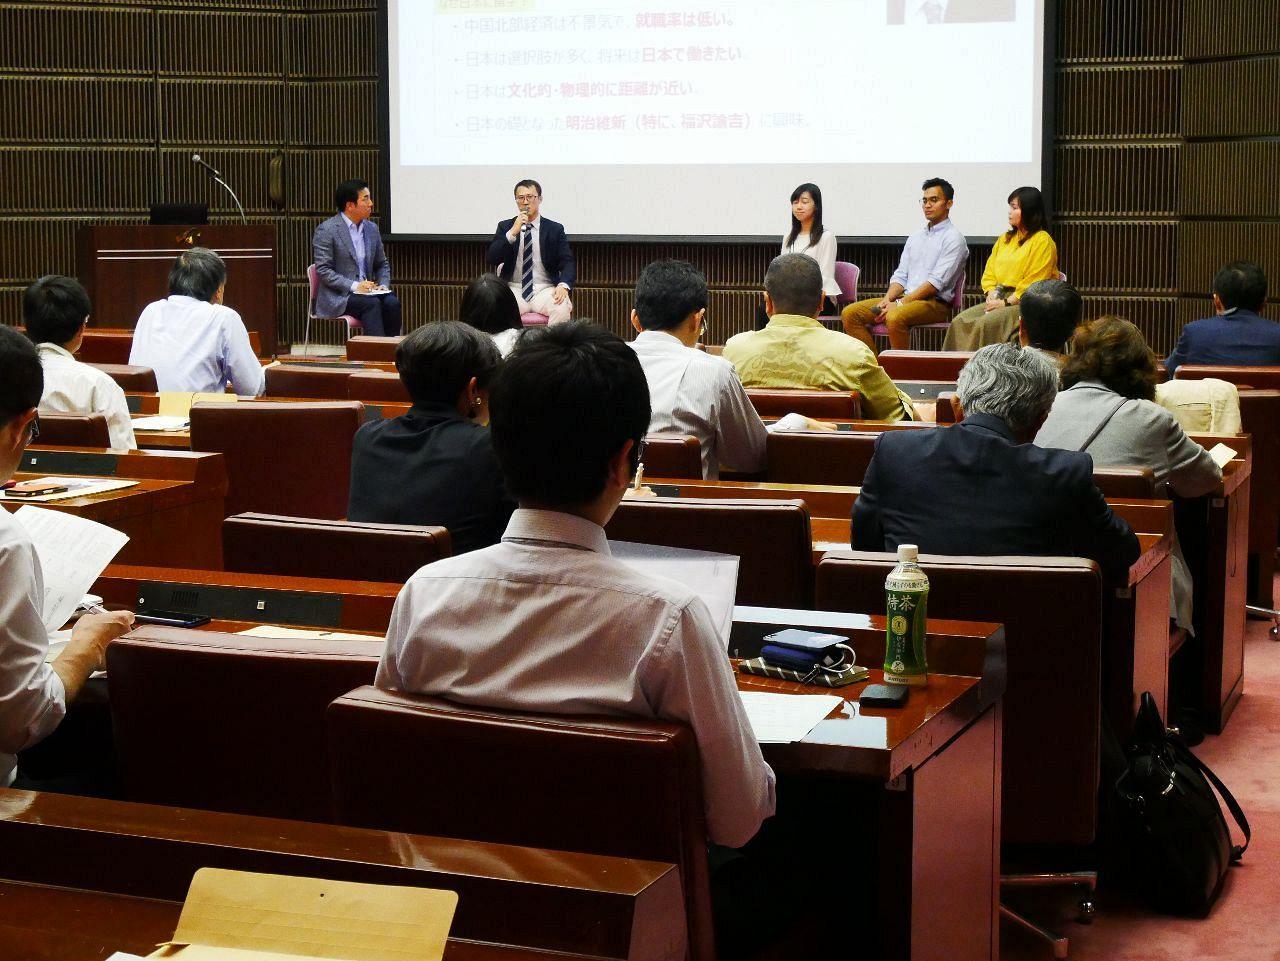 外国人留学生、採用のポイントは 横浜でセミナー